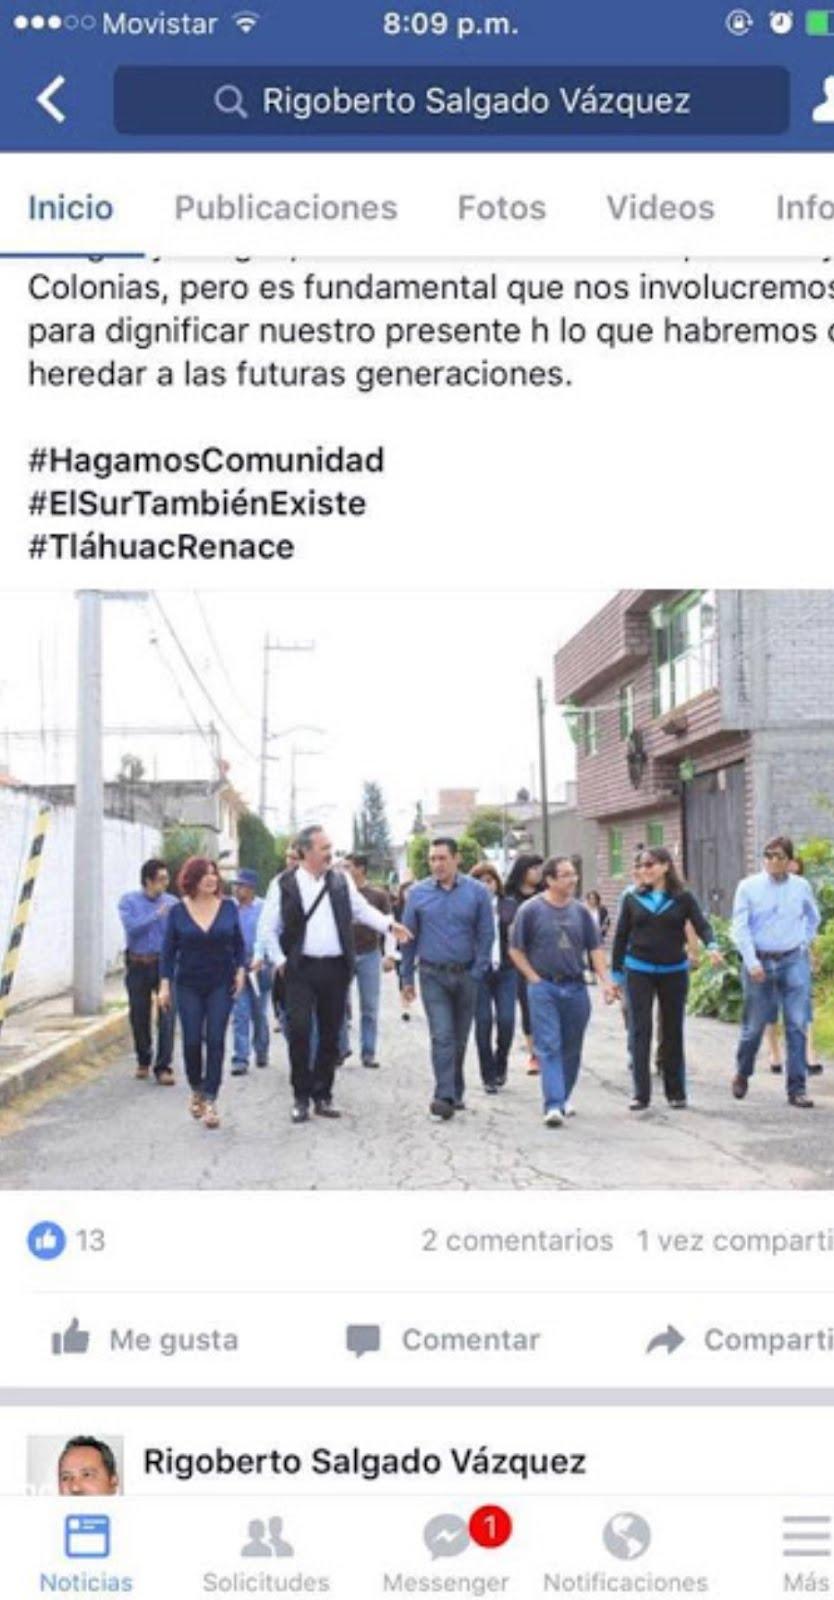 Contraofensiva en redes de troles del delegado de Tláhuac